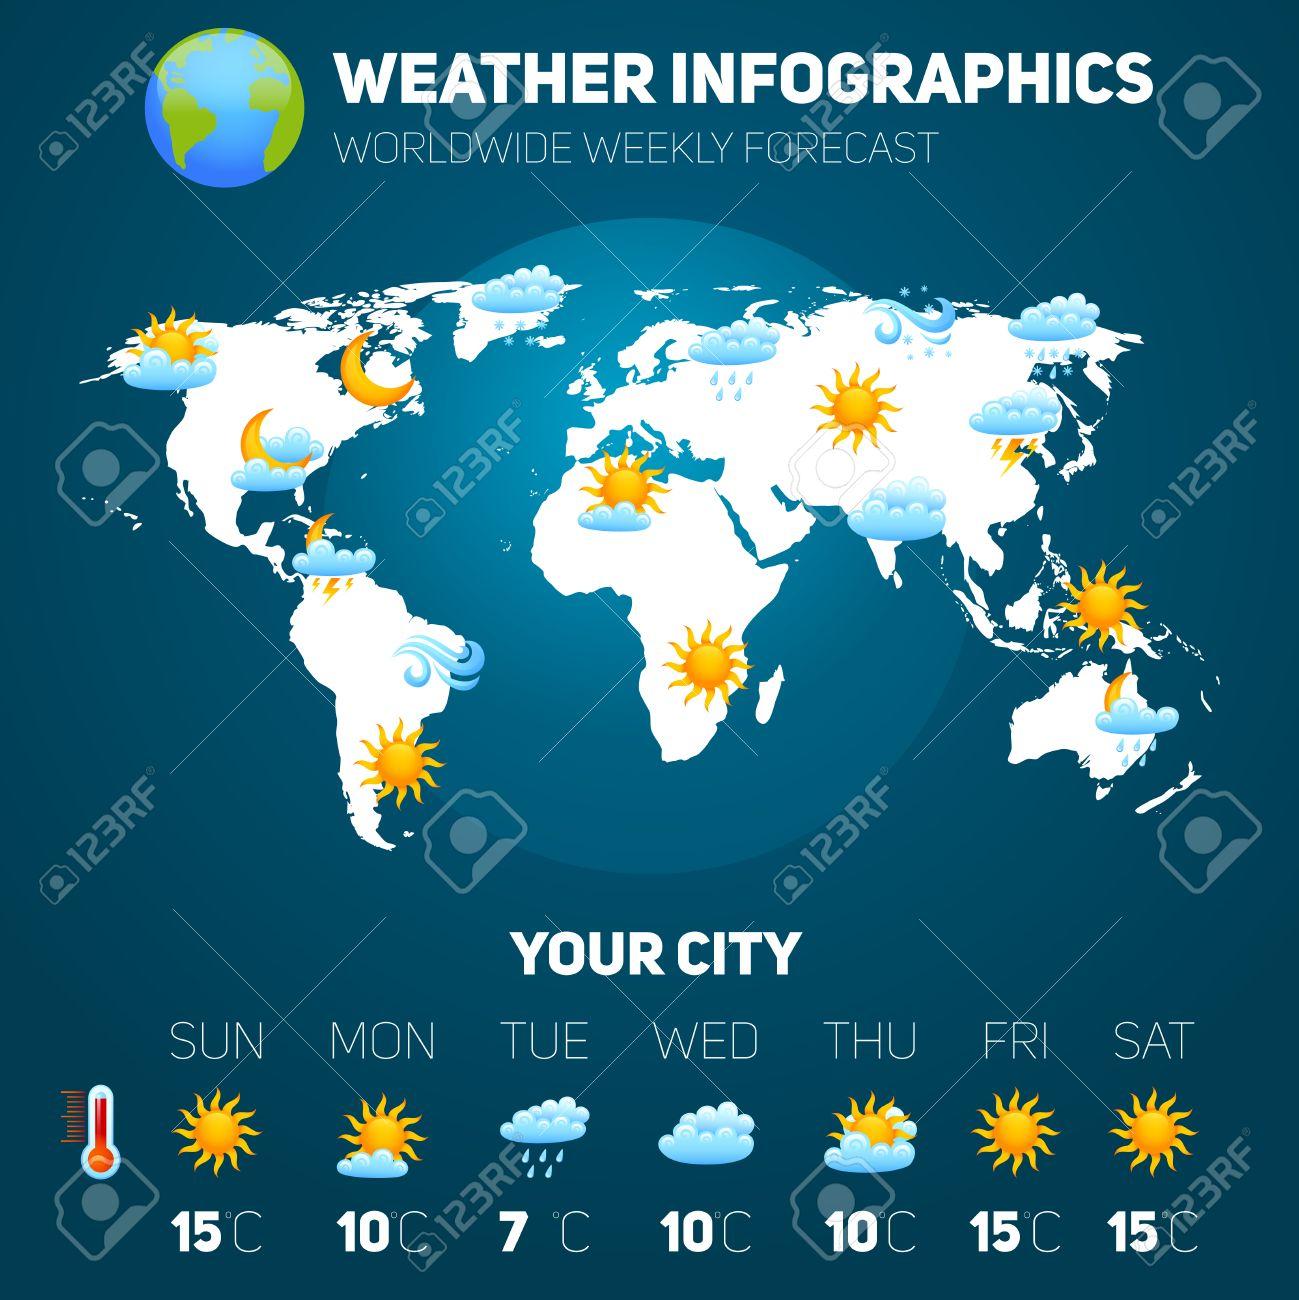 Mapa Del Tiempo En El Mundo.Pronostico Del Tiempo Para Conjunto Infografia Con Signos De Meteorologia Y Mapa Del Mundo Ilustracion Vectorial